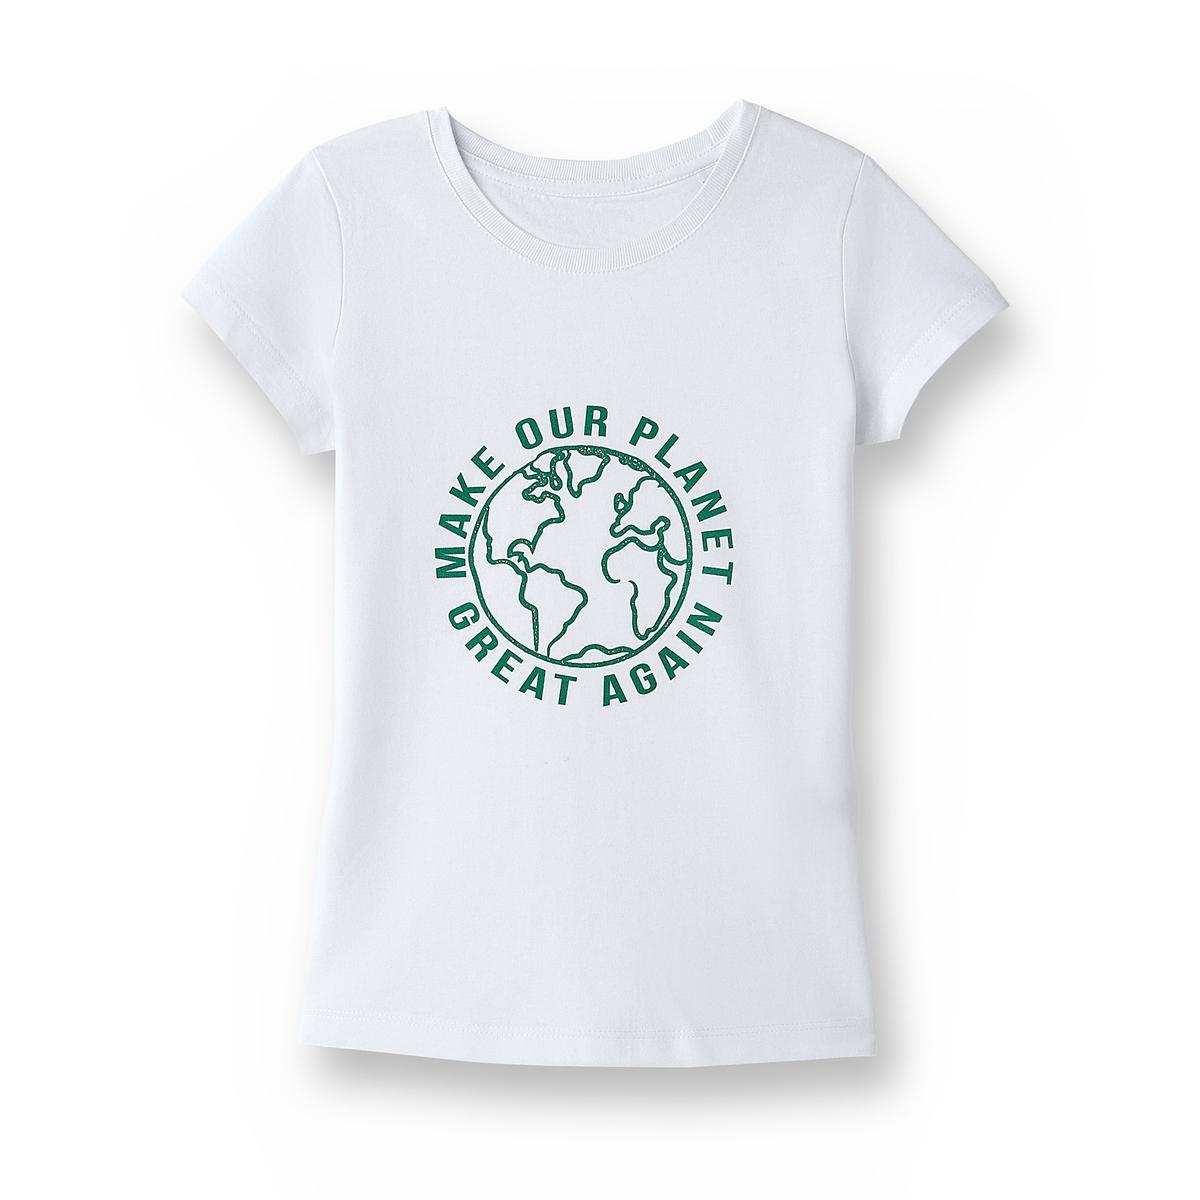 Футболка с надписью из биохлопка, 5-14 летФутболка La Redoute Collections совместно с Envol'Vert. Круглый вырез. Короткие рукава. НадписьСделаем снова нашу планету замечательной спереди.                                                     За каждую проданную футболку La Redoute перечисляет 1€ Envol'Vert. Собранная сумма позволит участвовать в проекте озеленения леса в Колумбии.                                          Более подробно : http://envol-vert.org/projets/restauration-forestiere-et-noyer-maya/                           Состав и описаниеМатериал:100% био-хлопокМарка: La Redoute Collections совместно с Envol'Vert                         Уход:                         Стирать при 30° с изделиями схожих цветов                         Отбеливание запрещено                         Гладить при умеренной температуре                         Сухая (химическая) чистка запрещена                         Машинная сушка запрещена                                                  Преимущества : Био-продукт.                         Выращенный без использования пестицидов и химических удобрений био-хлопок изготовлен с заботой о почве, воде и людях, возделывающих его.                         Мы заботимся о сохранении окружающей среды и здоровья людей.<br><br>Цвет: белый,серый меланж<br>Размер: 9/10 лет- 132/138 см.7/8 лет- 120/126 см.5/6 лет  - 108/114 cm.9/10 лет- 132/138 см.12/14 лет.12/14 лет